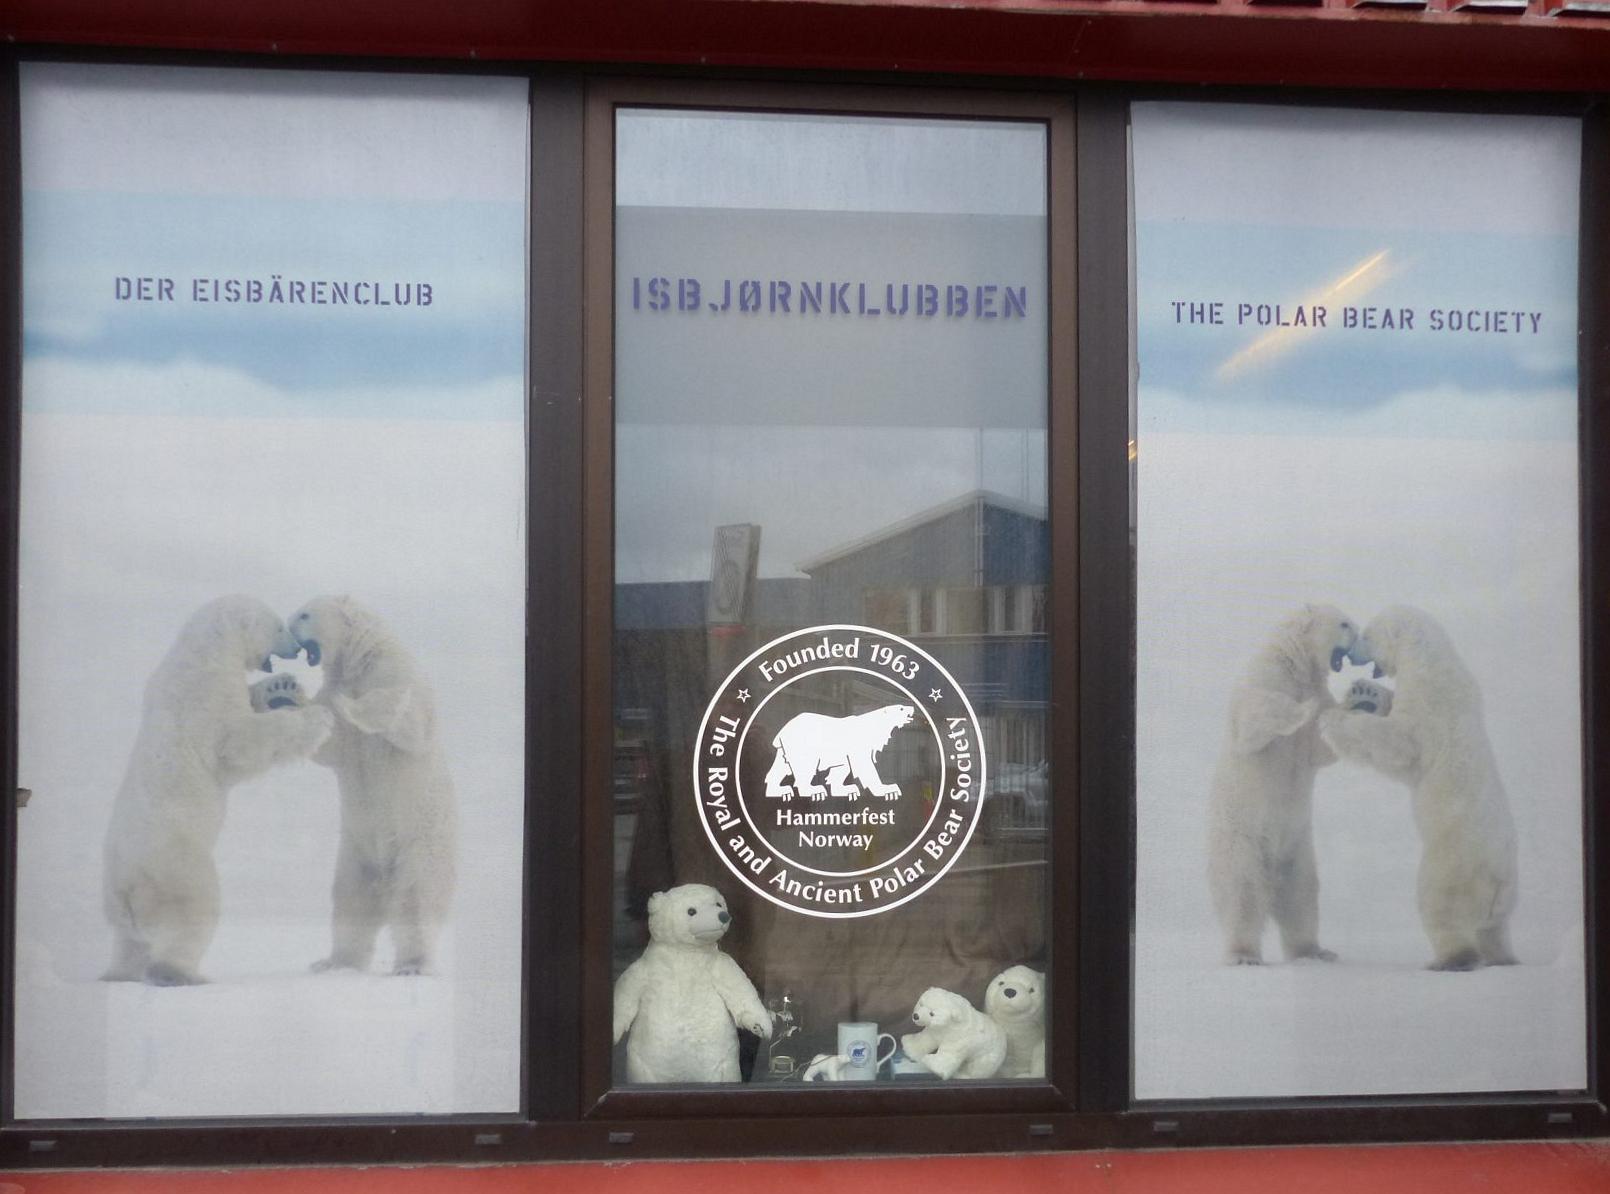 Eisbärenklub und Tourinformation in Hammerfest Foto: Weirauch